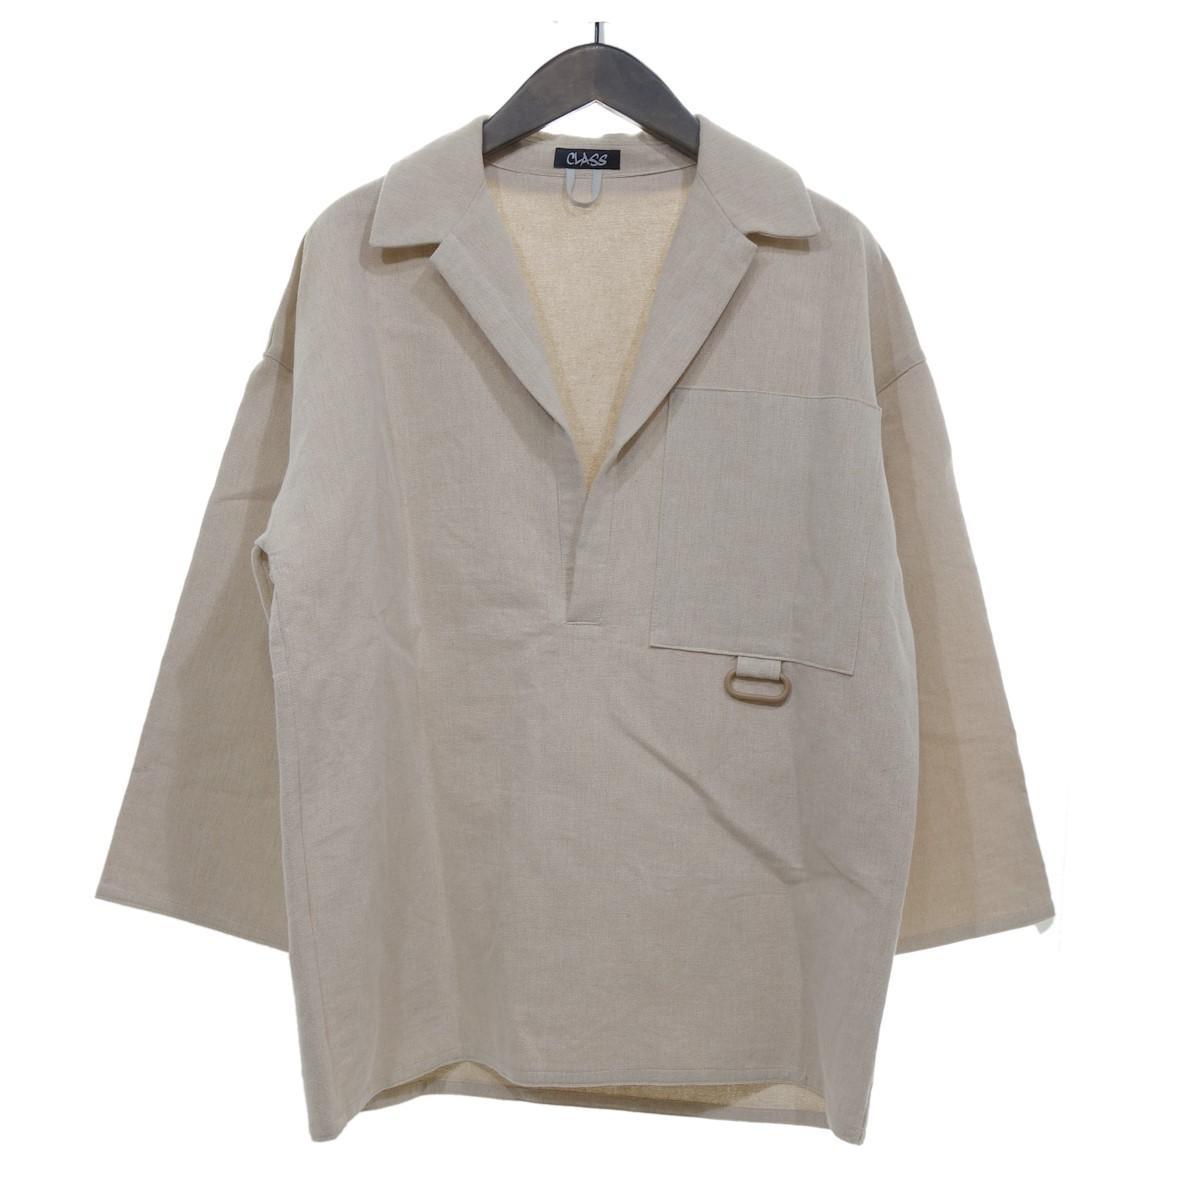 【中古】CLASS プルオーバーシャツ ベージュ サイズ:2 【080420】(クラス)